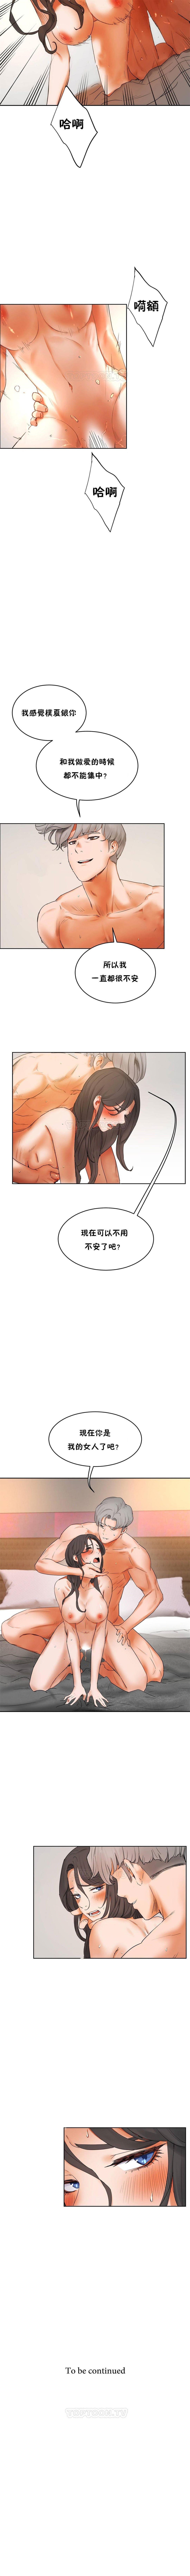 性教育 1-48.5 中文翻译(完結) 304